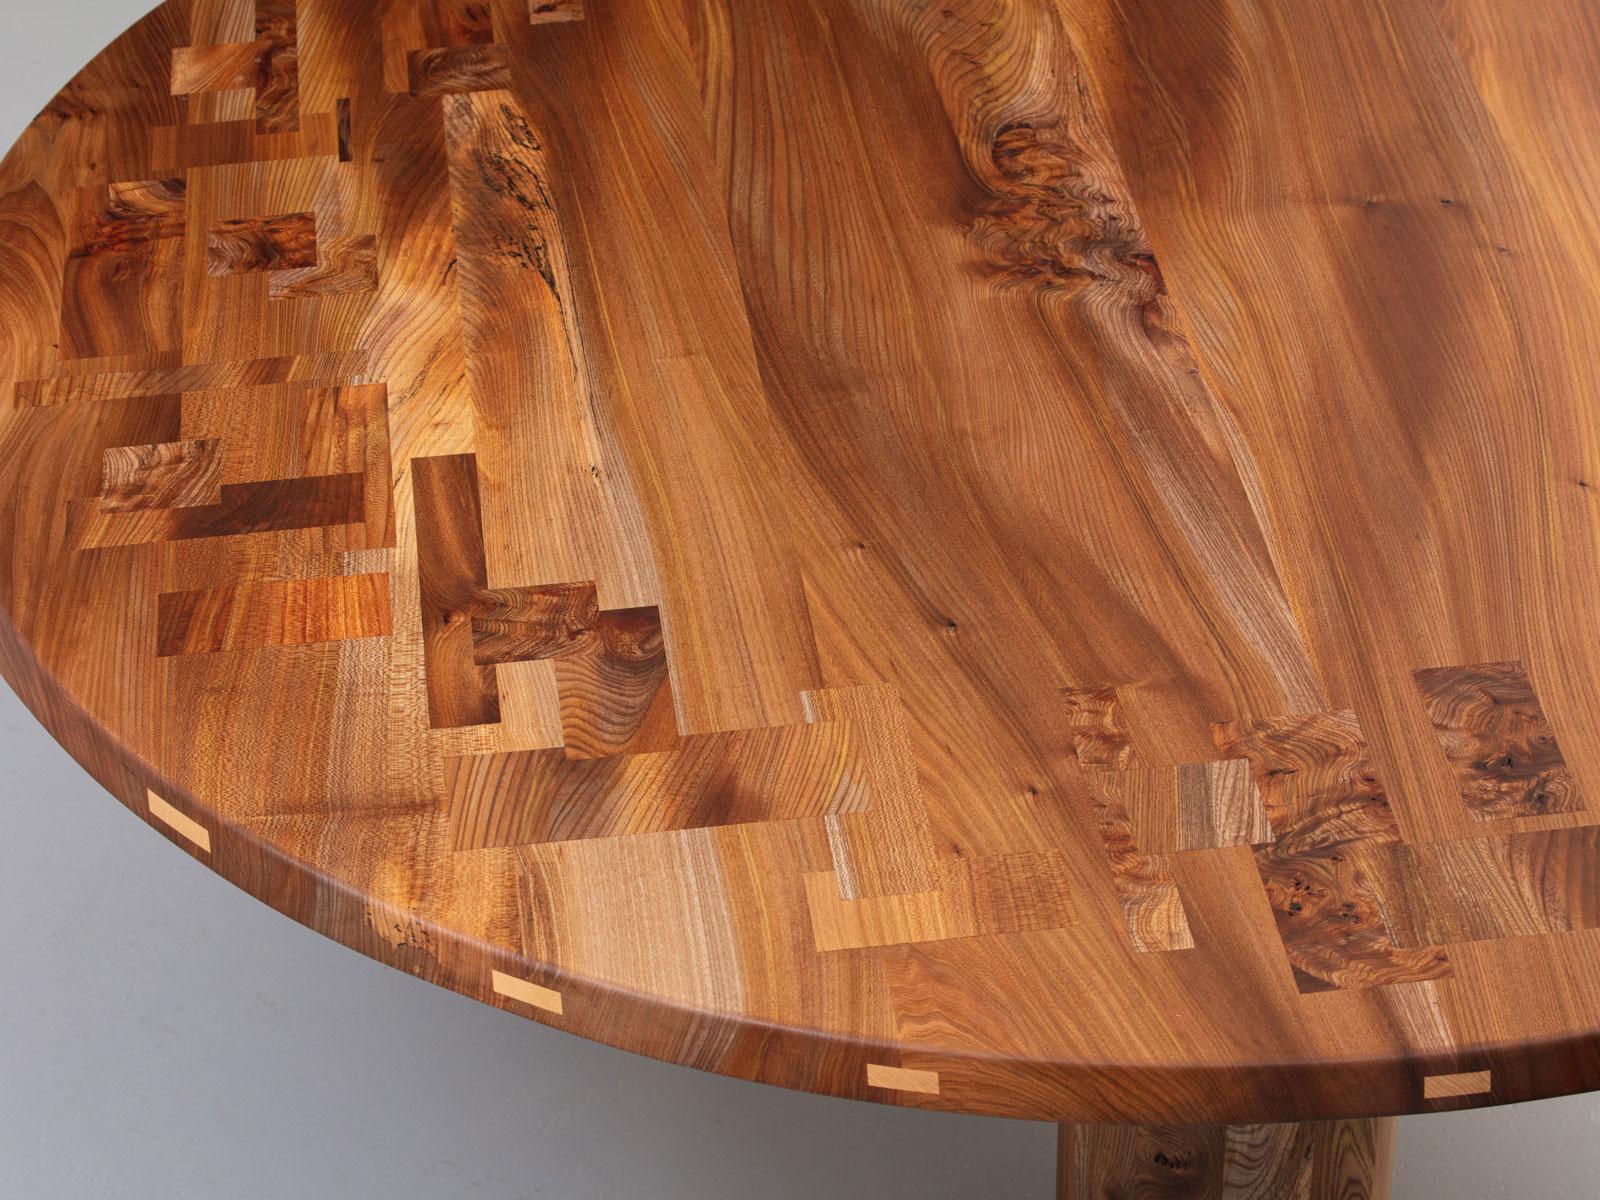 Jan Hendzel Round Tables Studio 2021-59